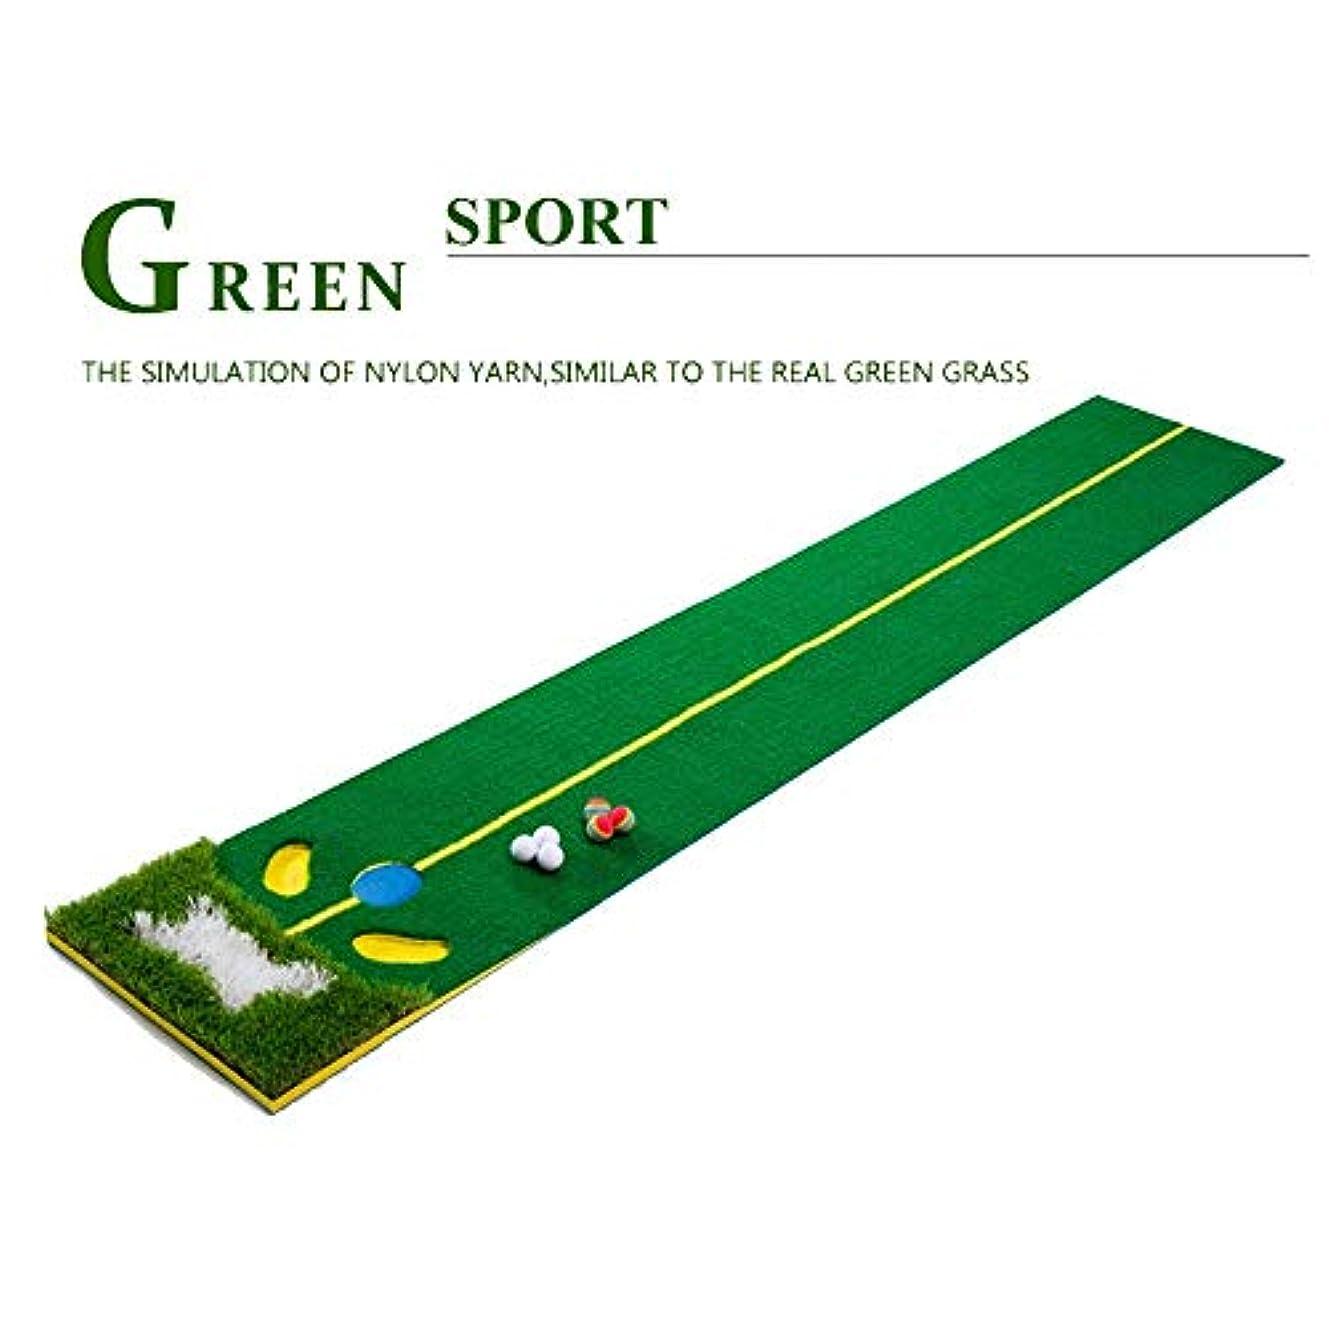 毎年シネマ蒸し器屋内および屋外のためのパターゴルフボールが付いている専門の大きいゴルフパッティンググリーンのマットの人工的な草のゴルフ訓練の援助装置のマット